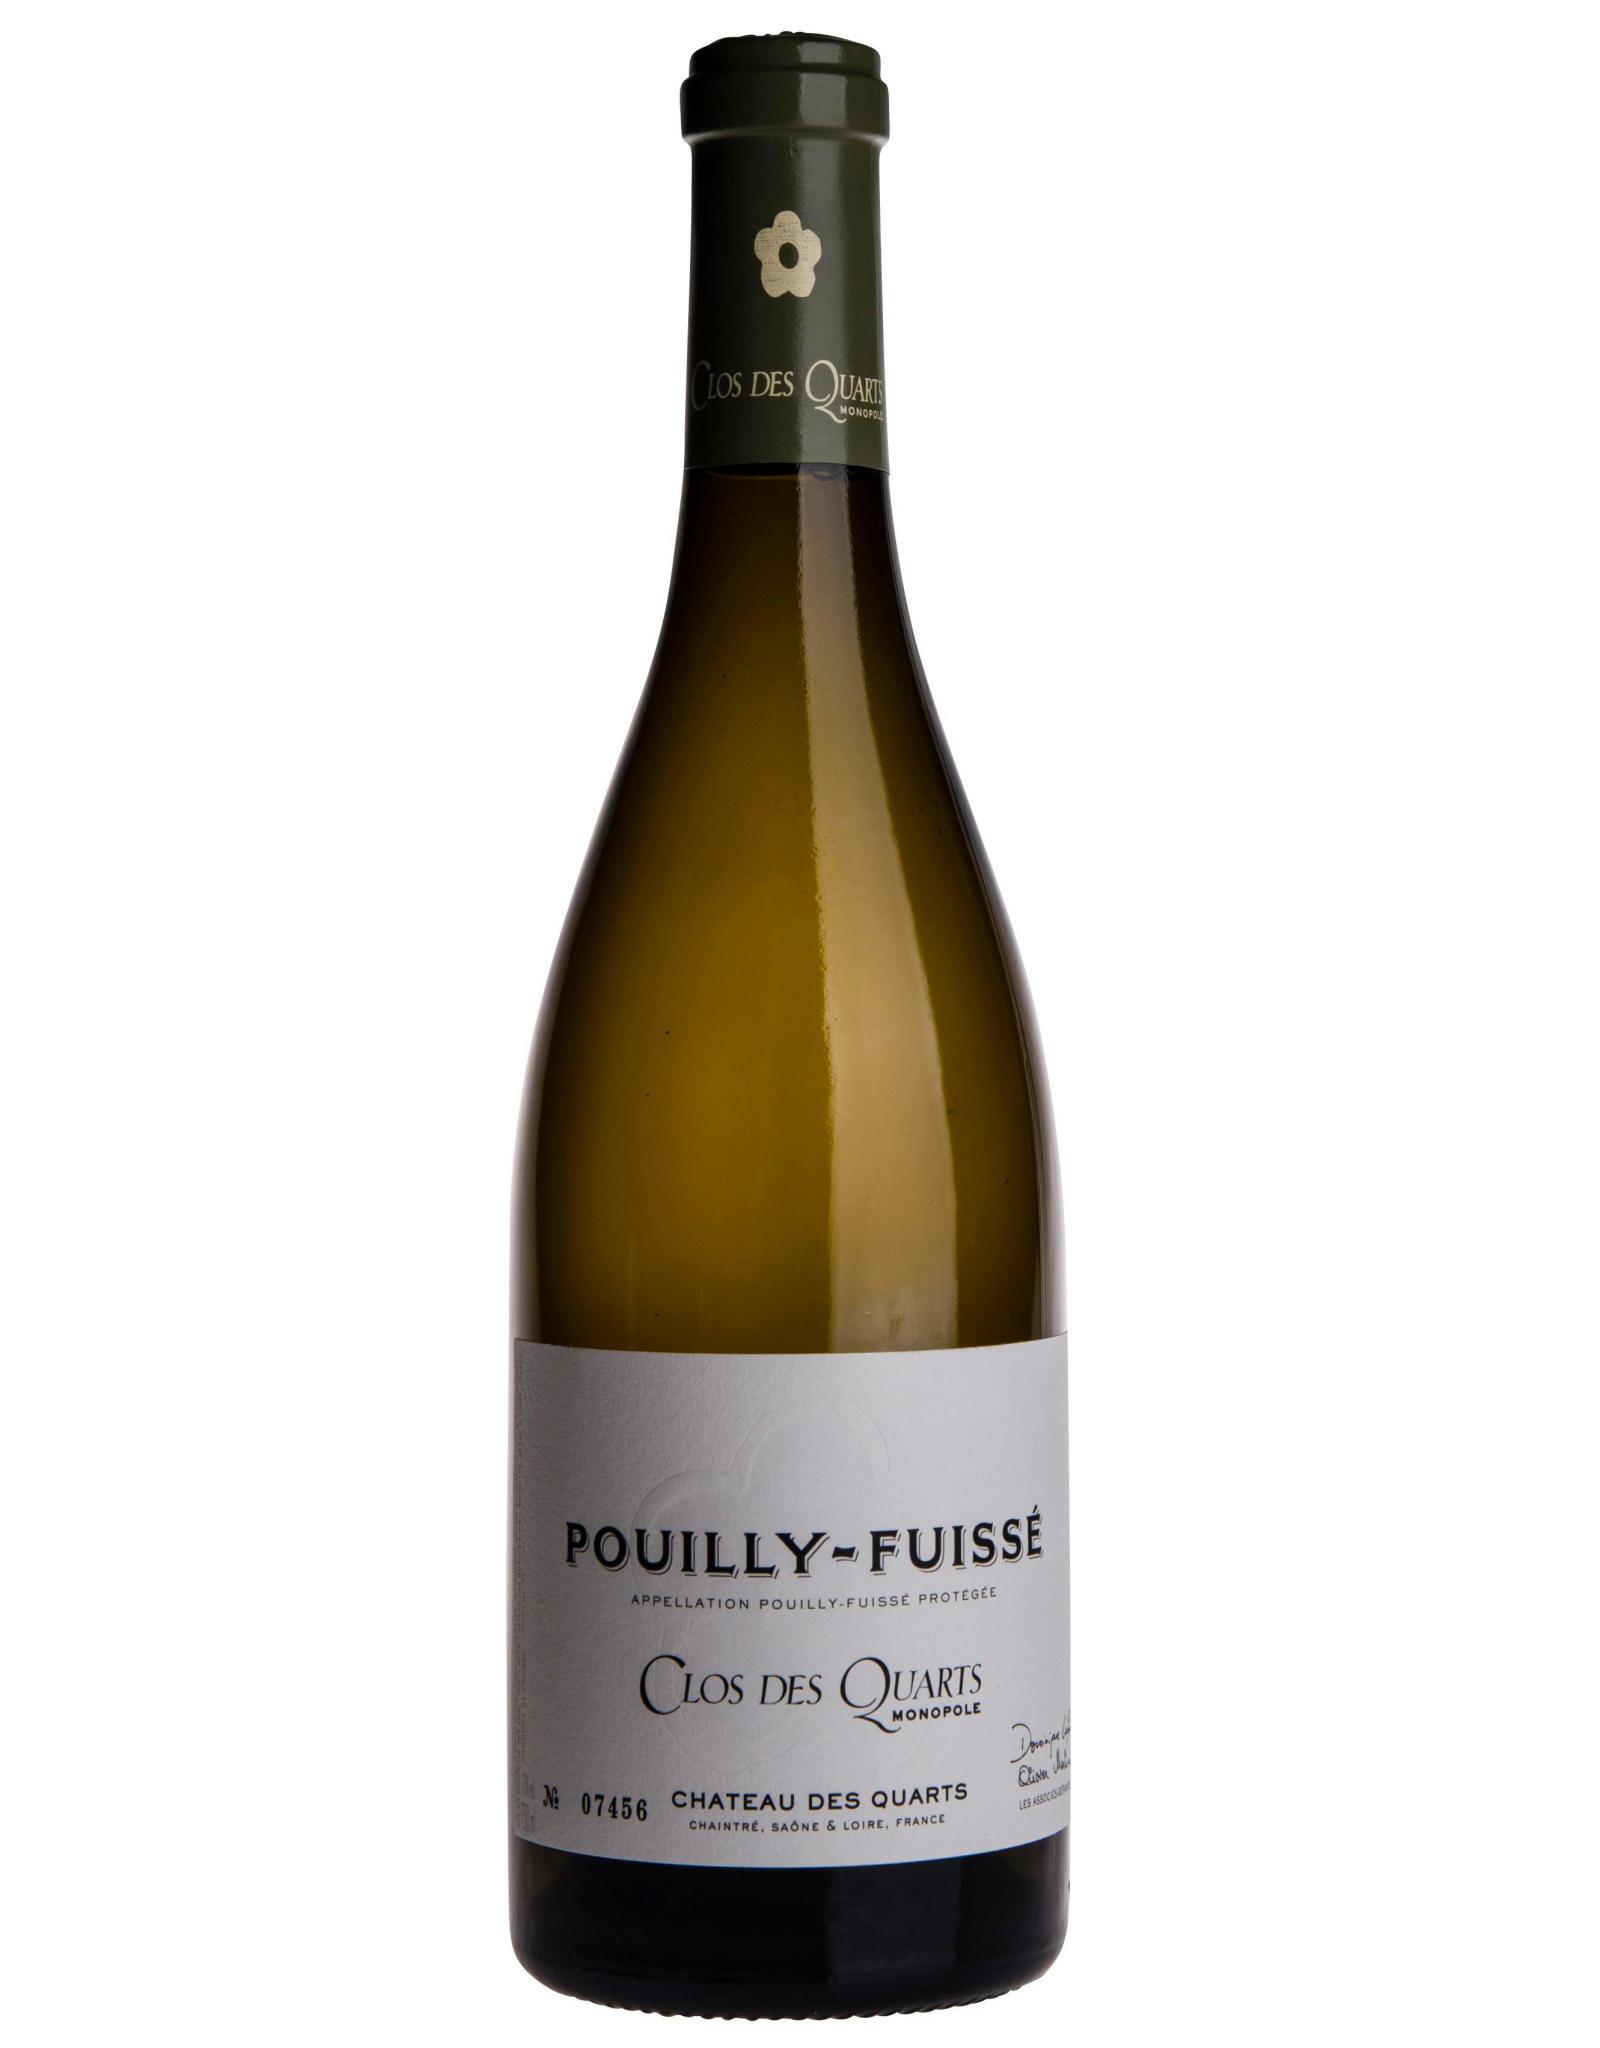 Chateau des Quarts Clos des Quarts, Pouilly-Fuisse 2015